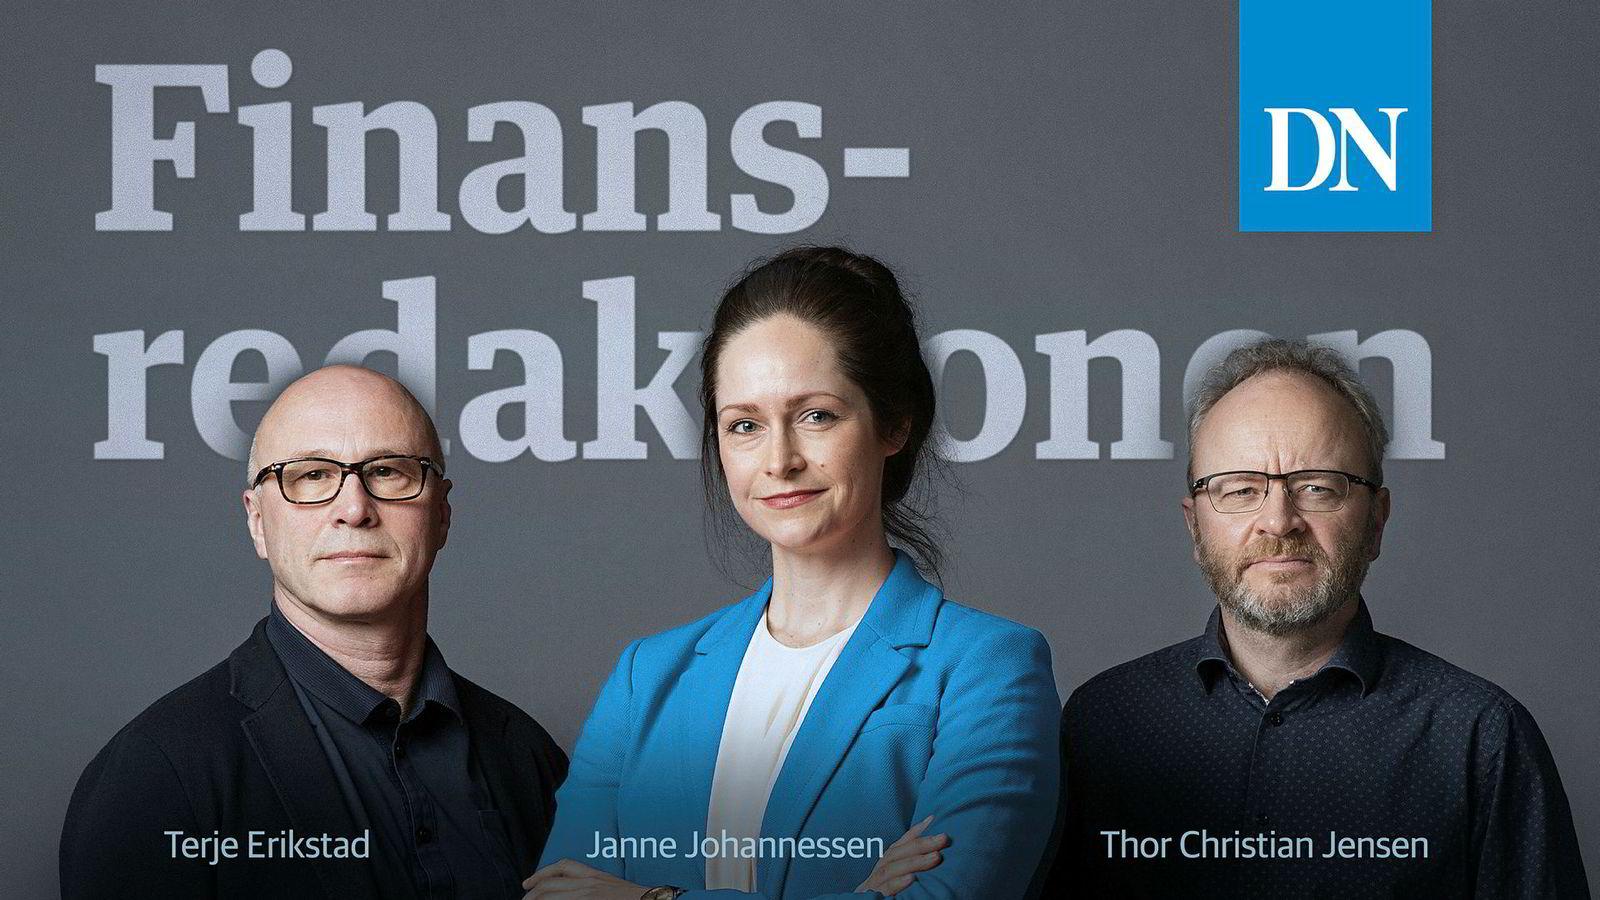 «Finansredaksjonen» er en podkast med Terje Erikstad, Janne Johannessen og Thor Christian Jensen i Dagens Næringsliv.